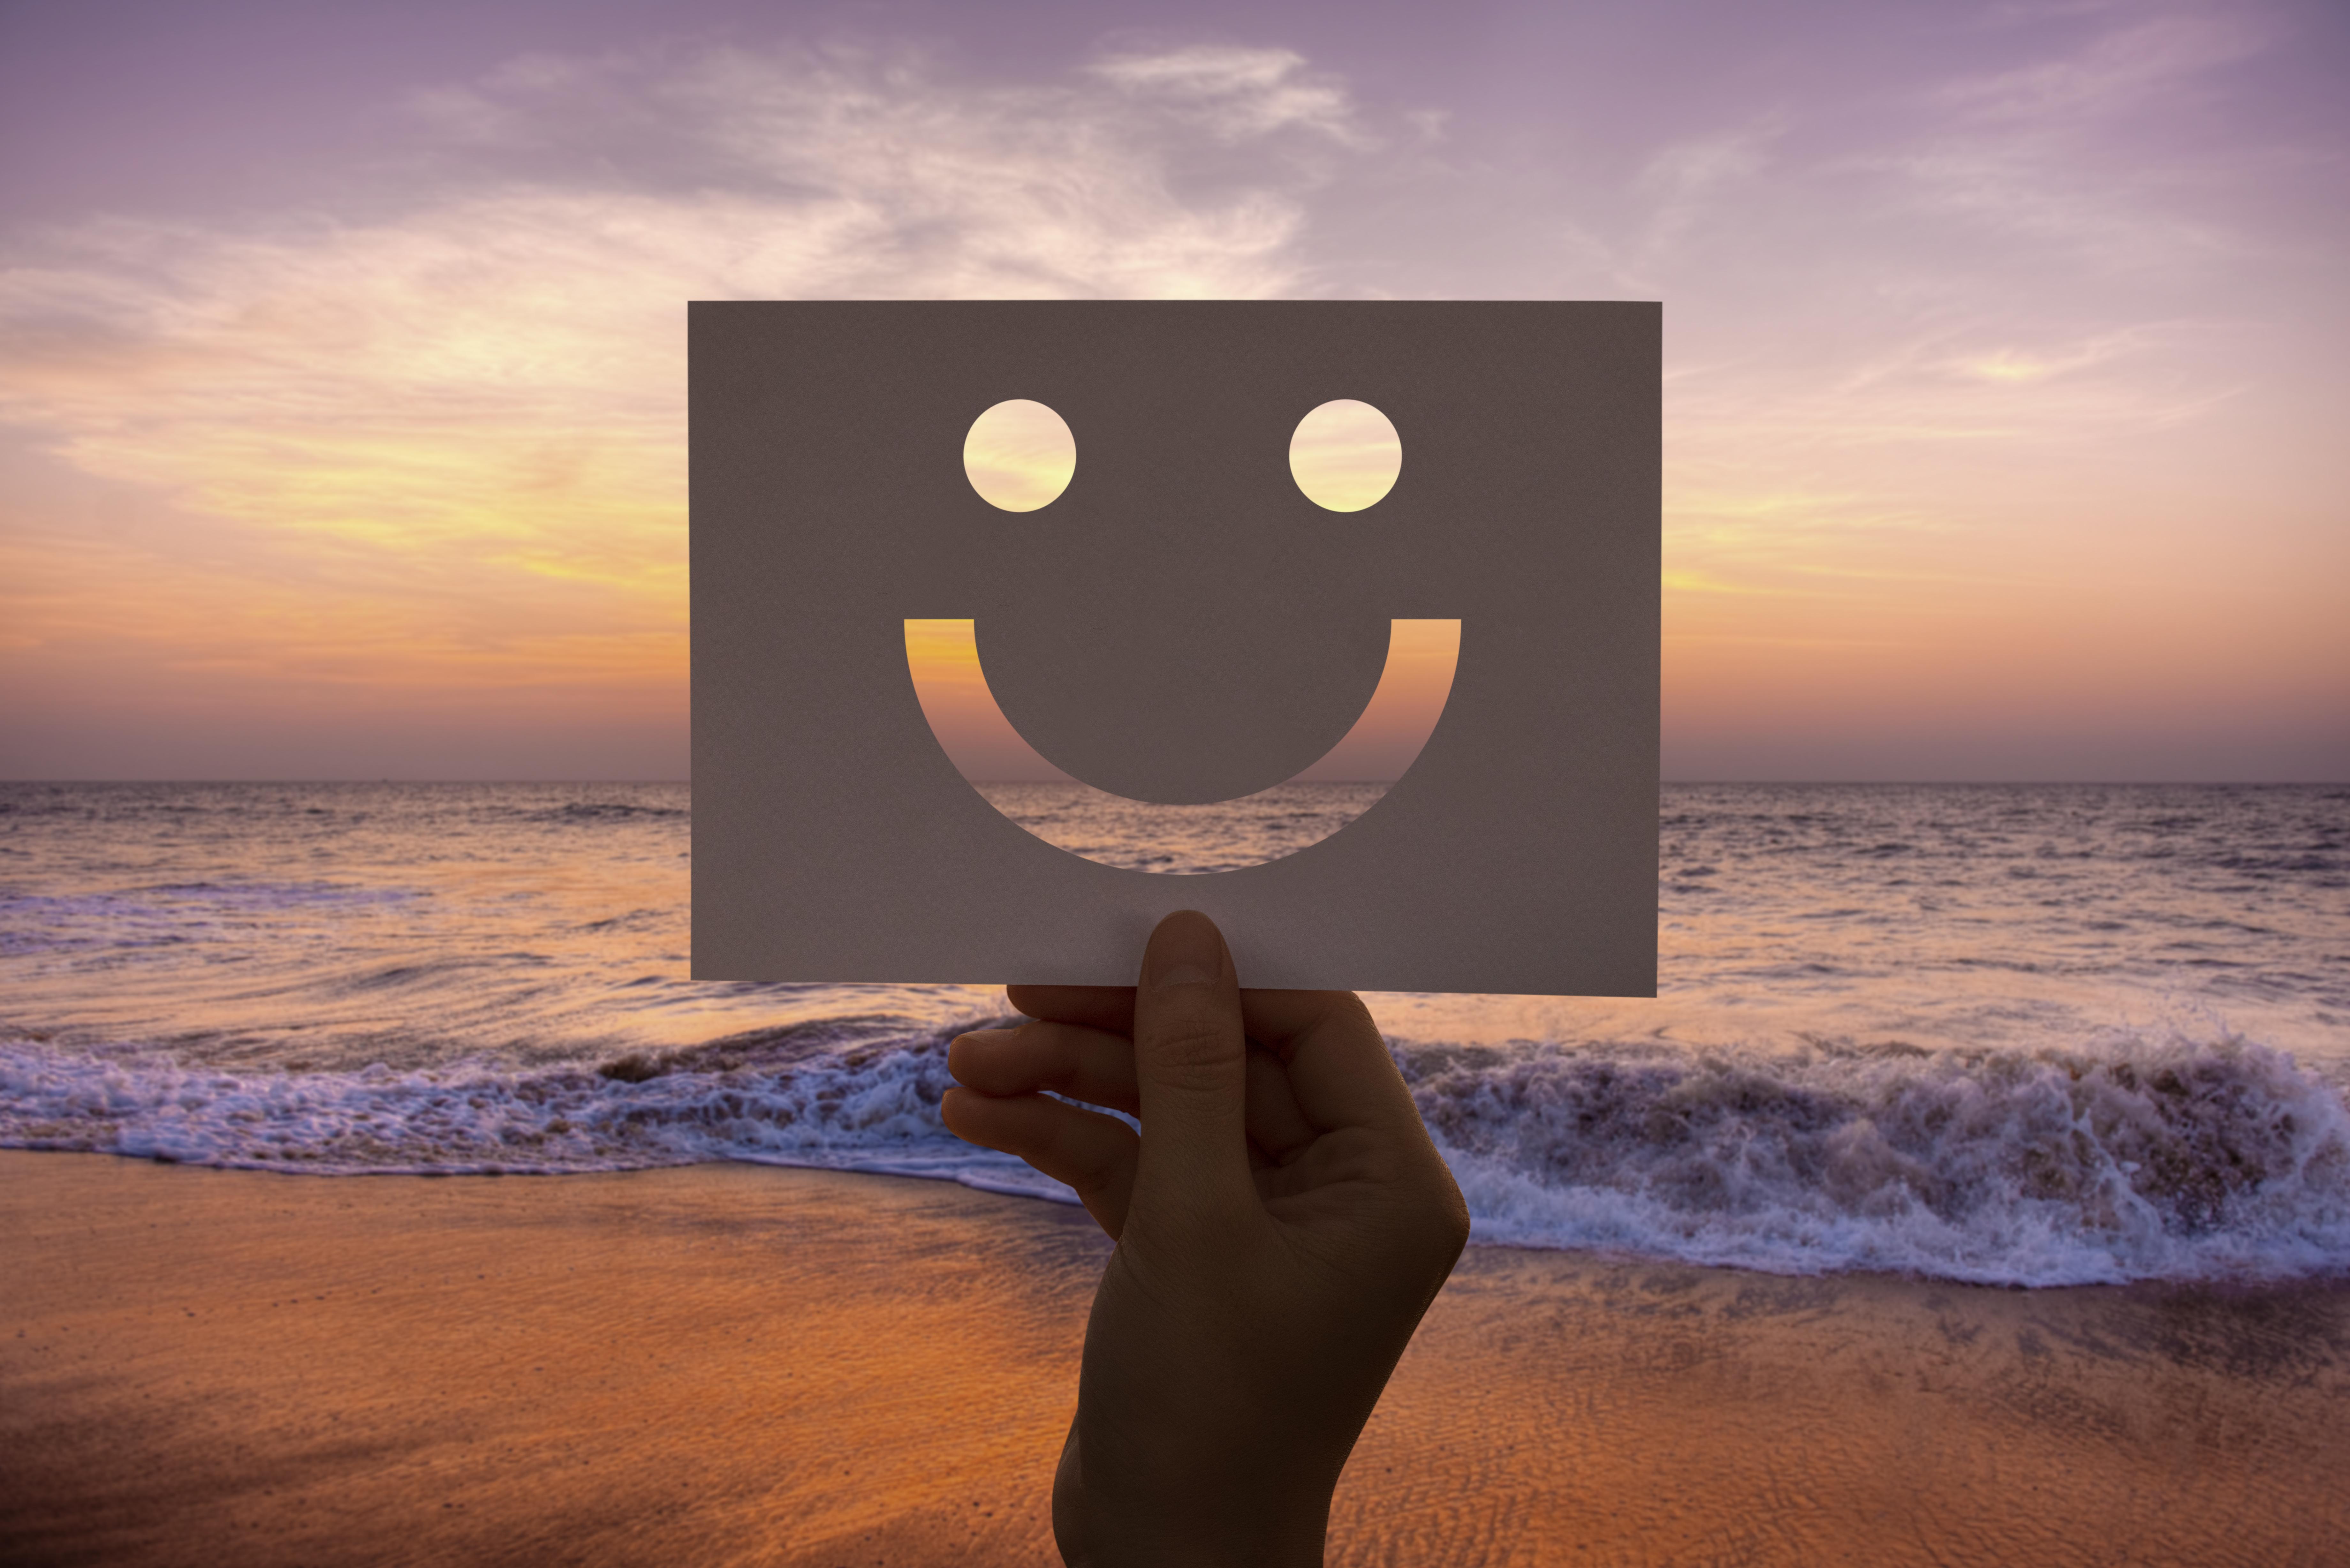 """<a href=""""http://www.freepik.com"""">Designed by rawpixel.com / Freepik</a>"""" width=""""409″ height=""""273″></p> <p>A menudo pensamos que la felicidad es difícil de obtener. Y, si pudieses hacer algo para sentirte mejor desde ahora mismo, ¿lo harías?</p> <p>Pues ya no tienes excusa, aquí tienes una estrategia sencilla para la felicidad.</p> <p>¿Preparada? Pero cómo… ¿no será que la gente más feliz tiene más cosas positivas en su vida?</p> <p><em>El fundador de la Escuela de Psicología Positiva Martin Seligman quiso contestar a esa pregunta.</em></p> <p><em>Hizo un estudio en un grupo de 200 personas y comparó el 10% que decía ser muy feliz con el 10% que decía ser muy infeliz, y también con la media del grupo.</em></p> <p><em>¿Qué comprobó?</em></p> <p><em>Que ese 10% de muy felices, no tenían más eventos en sus vidas objetivamente mejores que el resto de la gente. </em></p> <p>Así que en general, la felicidad es independiente de las cosas buenas o malas que nos suceden, sino que el factor que realmente influye es cómo nos tomamos estas cosas.</p> <p>Todos tenemos penas, cosas que nos arrepentimos de haber hecho, cosas que nos arrepentimos de no haber hecho, cosas que nos duelen, personas que no nos han querido…</p> <p>Entonces, ¿qué distingue a esas personas que dicen ser muy felices?</p> <p>Lo que distingue a las personas que se sienten felices es que<strong>son buenas prestando atención a las cosas buenas que les pasan en la vida. En cambio, no centran tanta atención en las cosas negativas que les ocurren</strong>.</p> <p>Así que, si crees que no eres tan feliz como podrías ser, cambia tu foco de atención, deja de fijarte tanto en lo negativo, fíjate más en lo positivo por muy modesto que te parezca.</p> <p>Pero aquí el secreto… para centrarte en lo positivo tendrás que hacer un esfuerzo consciente. ¿Por qué?</p> <p>Como explica Elsa Punset, tenemos dos sistemas diferentes en nuestro cerebro para los estímulos positivos y negativos. La amígdala utiliza más o menos las dos """